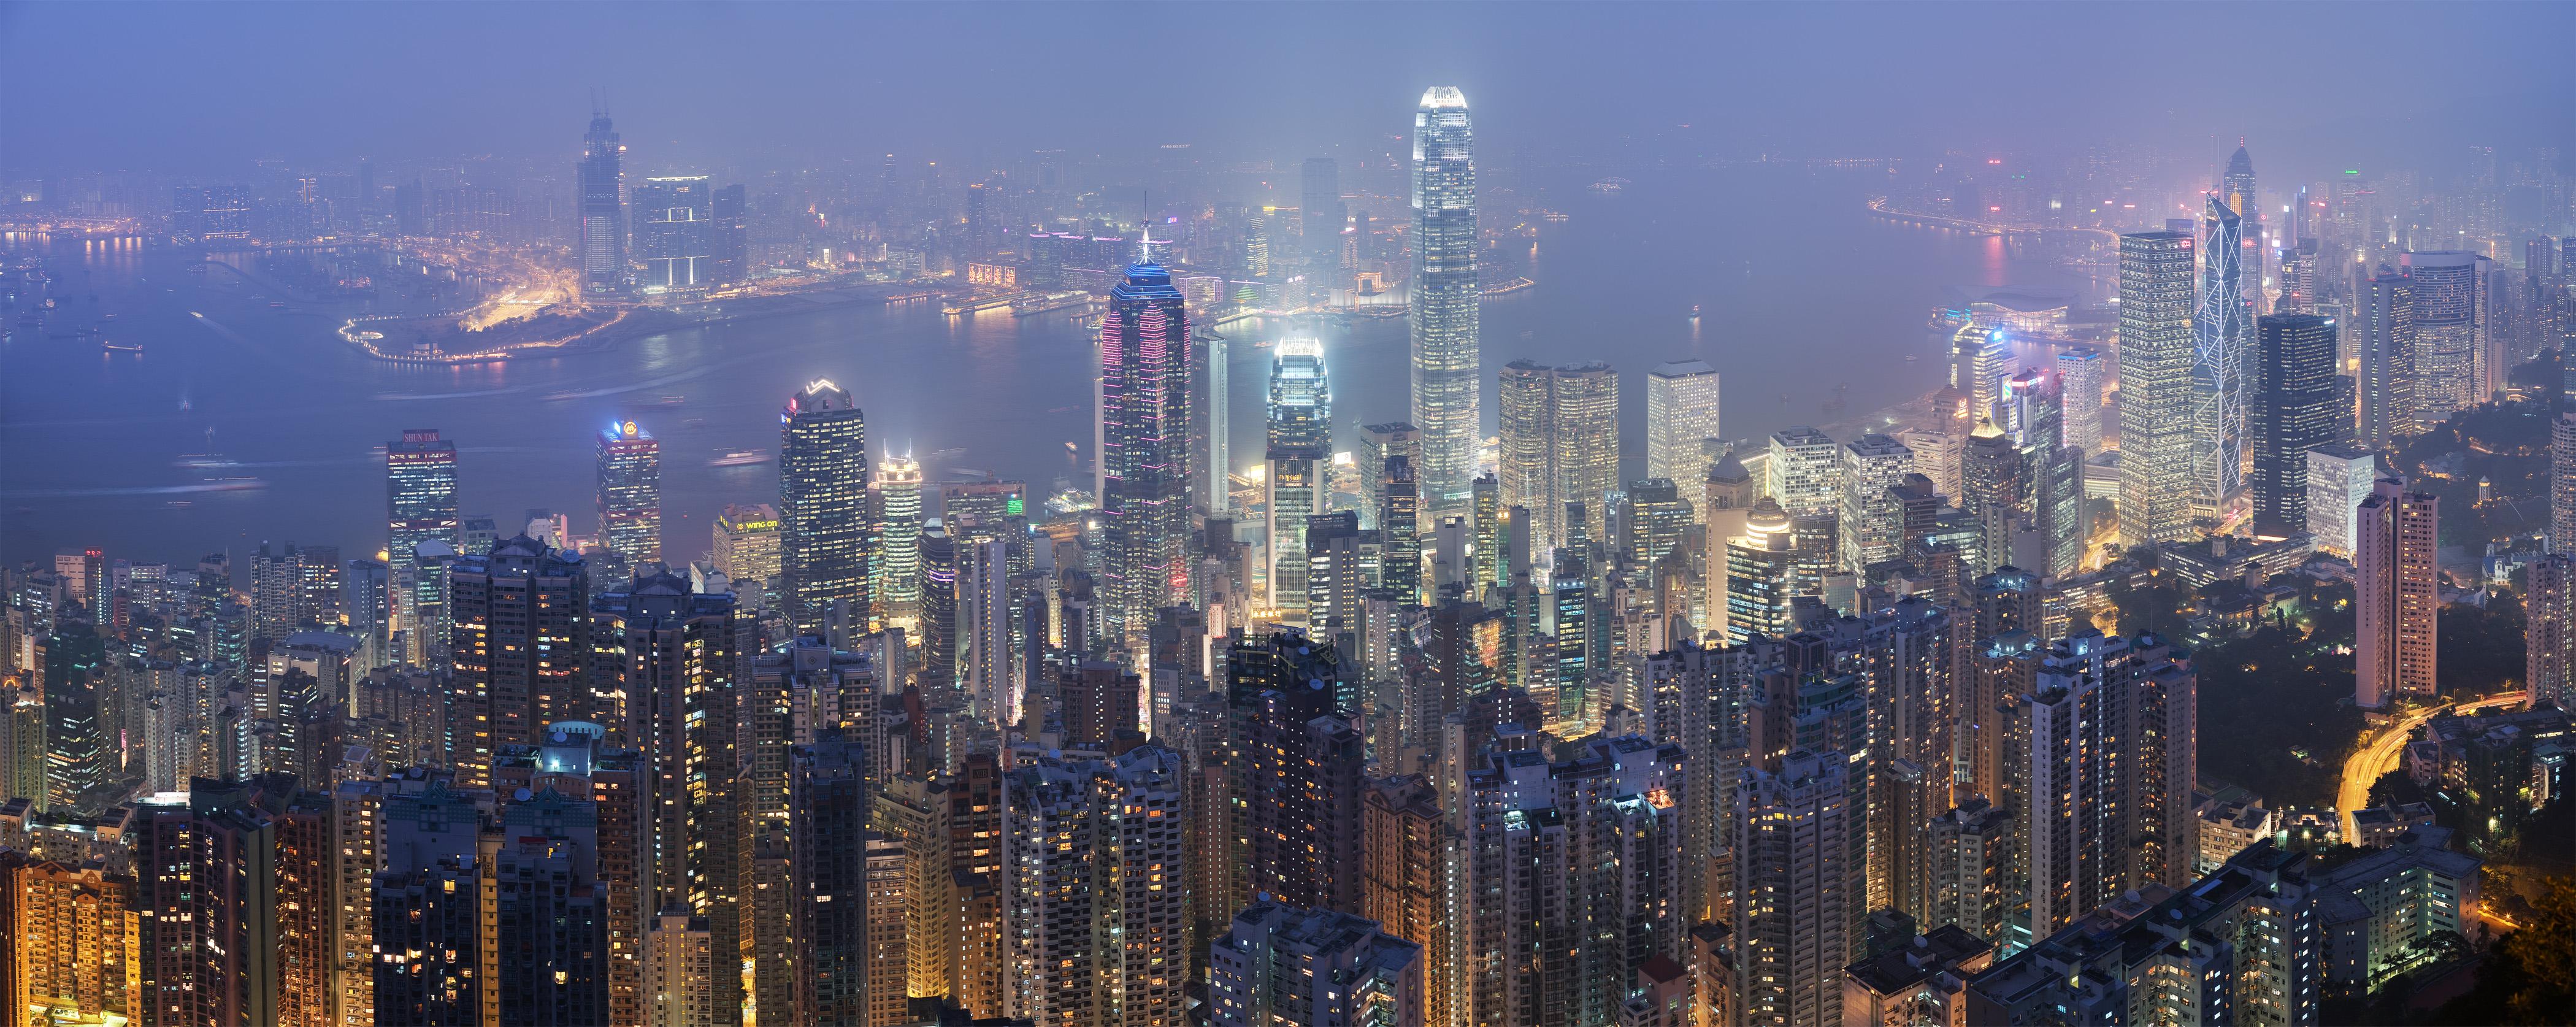 Hongkong Fotos - Hongkong, China Reisefotos -